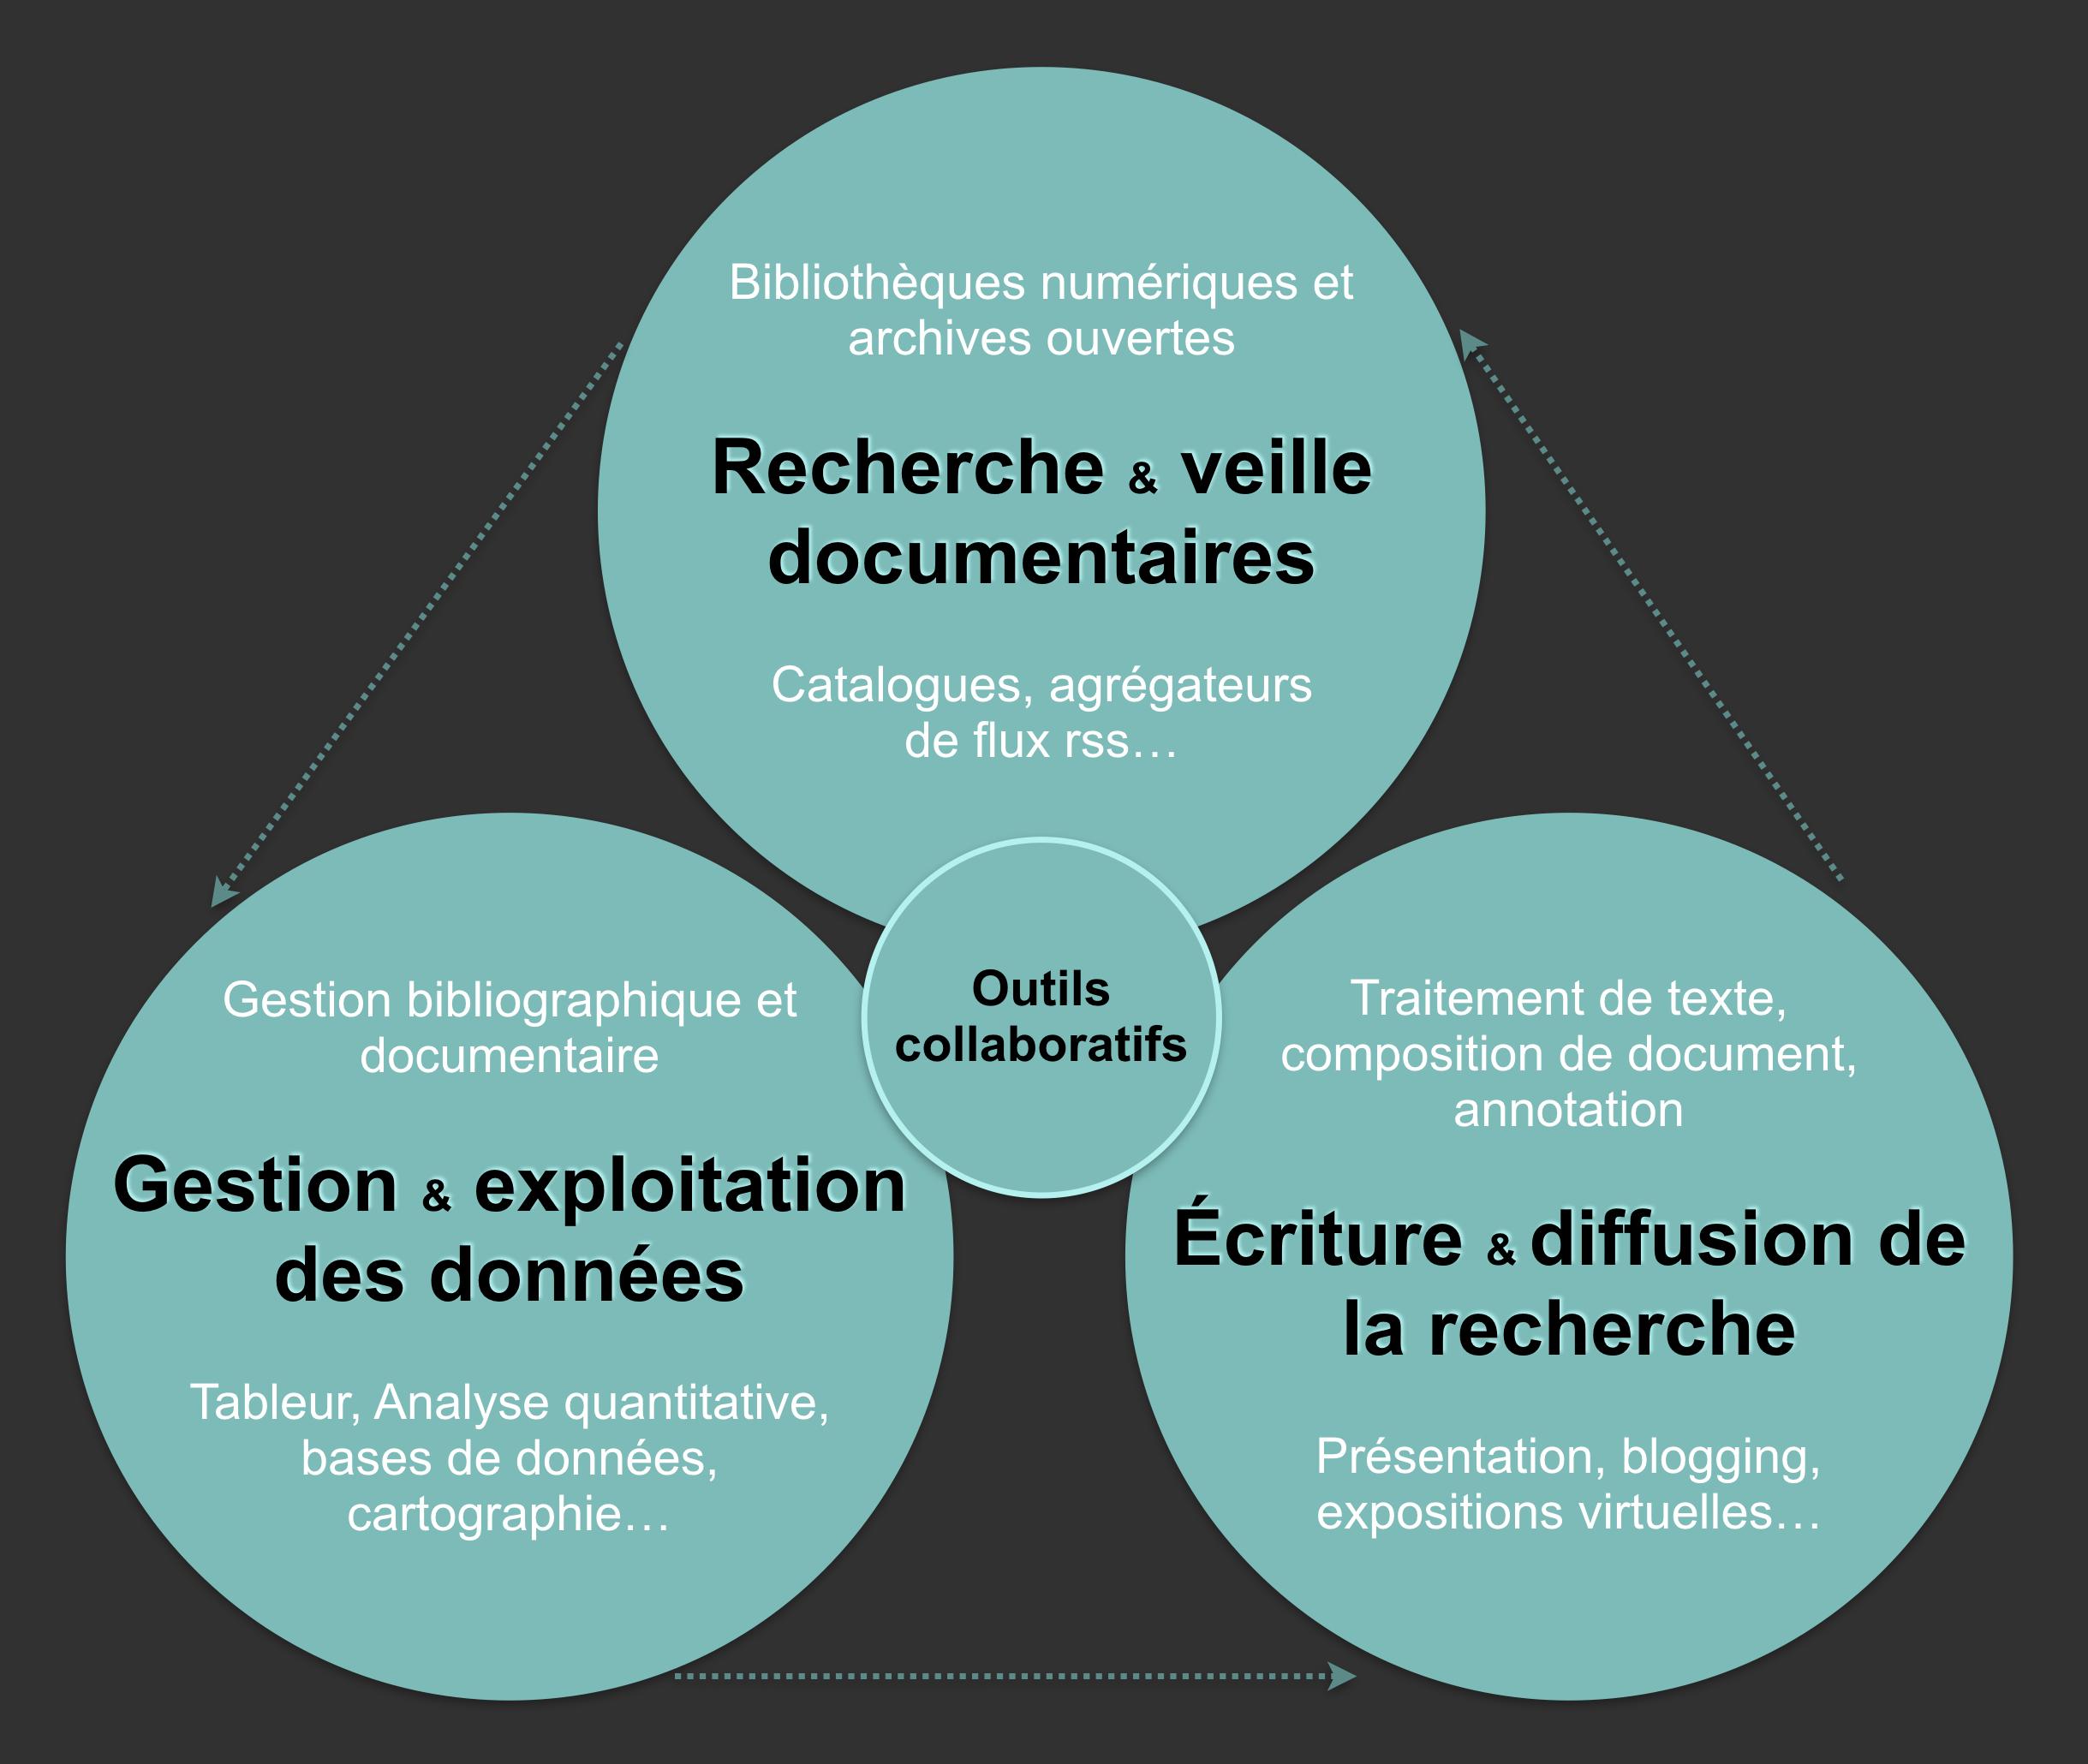 Schéma de formation des historiennes et historiens au numérique, par Franziska Heimburger et Émilien Ruiz